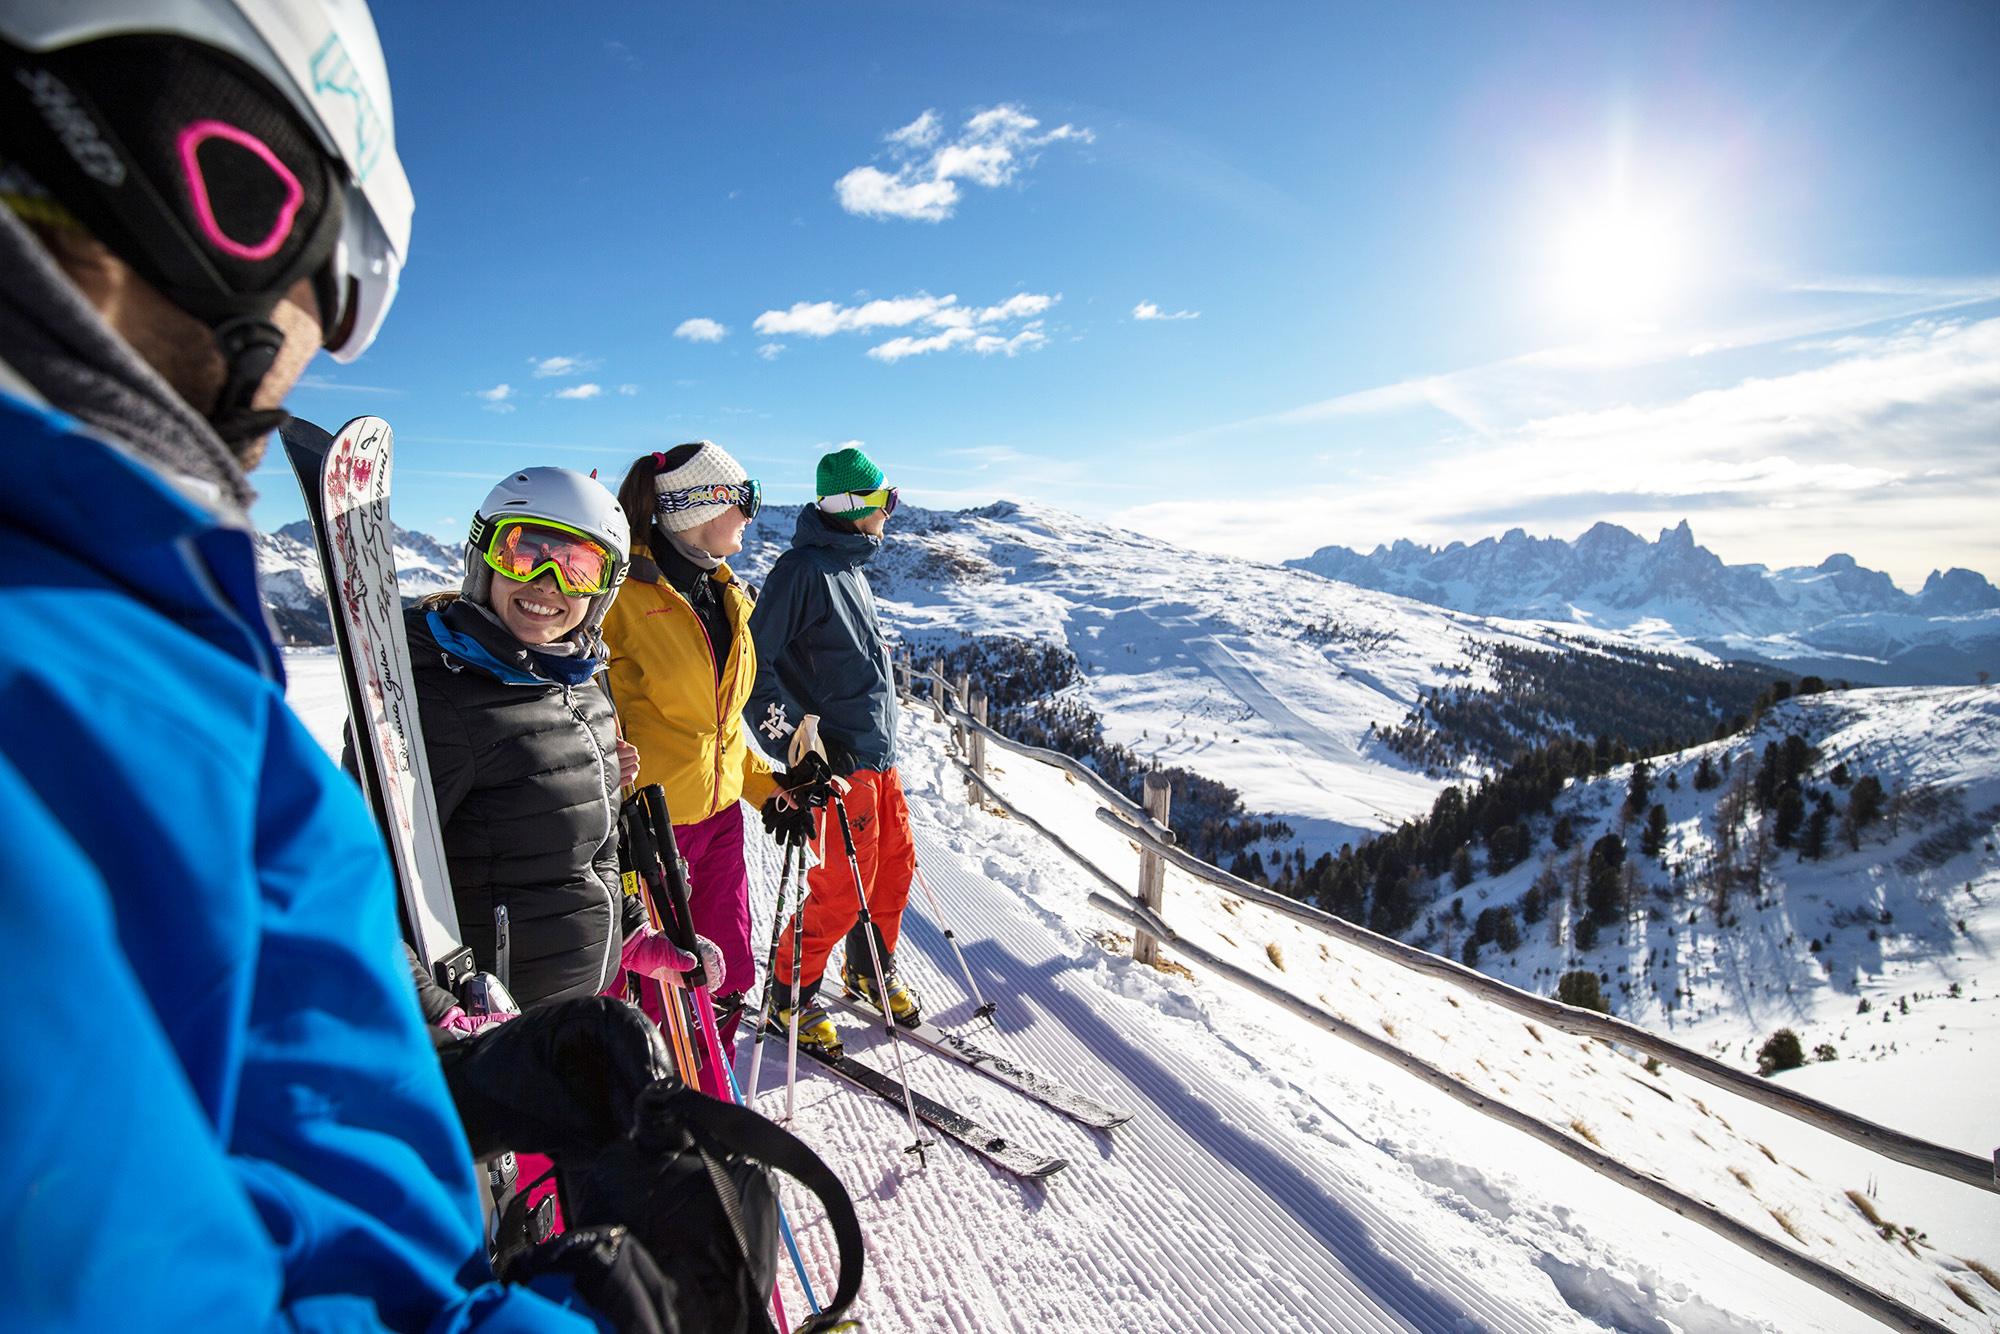 gruppo di amici a sciare in val di fassa in trentino